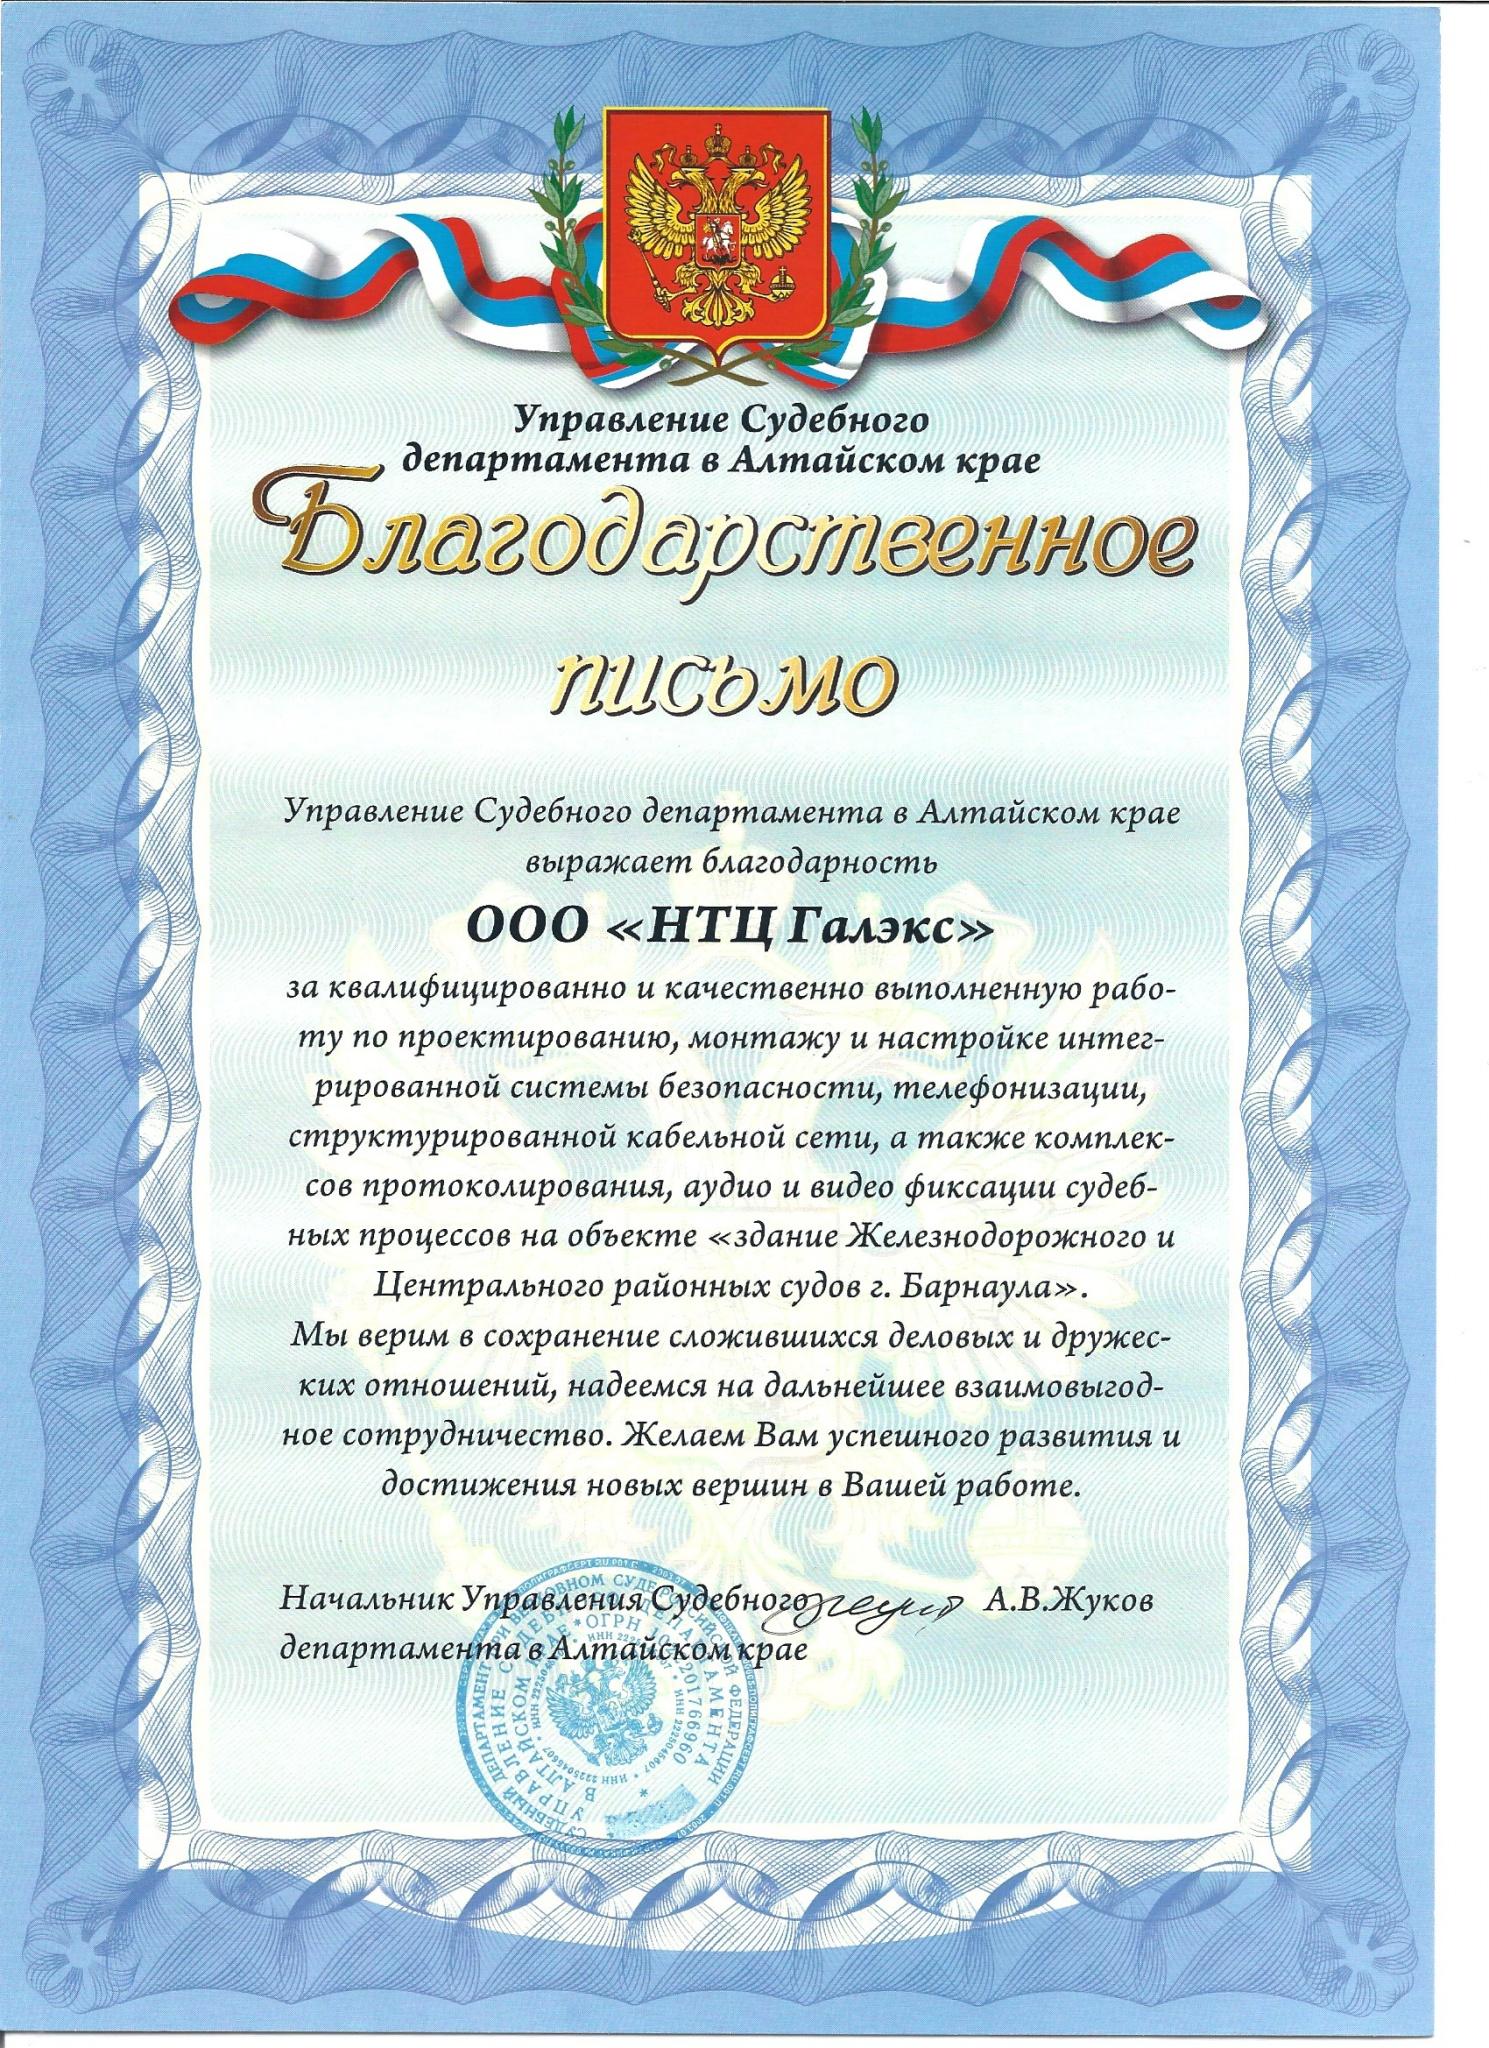 Галэкс получил благодарственное письмо от Управления судебного департамента по Алтайскому краю